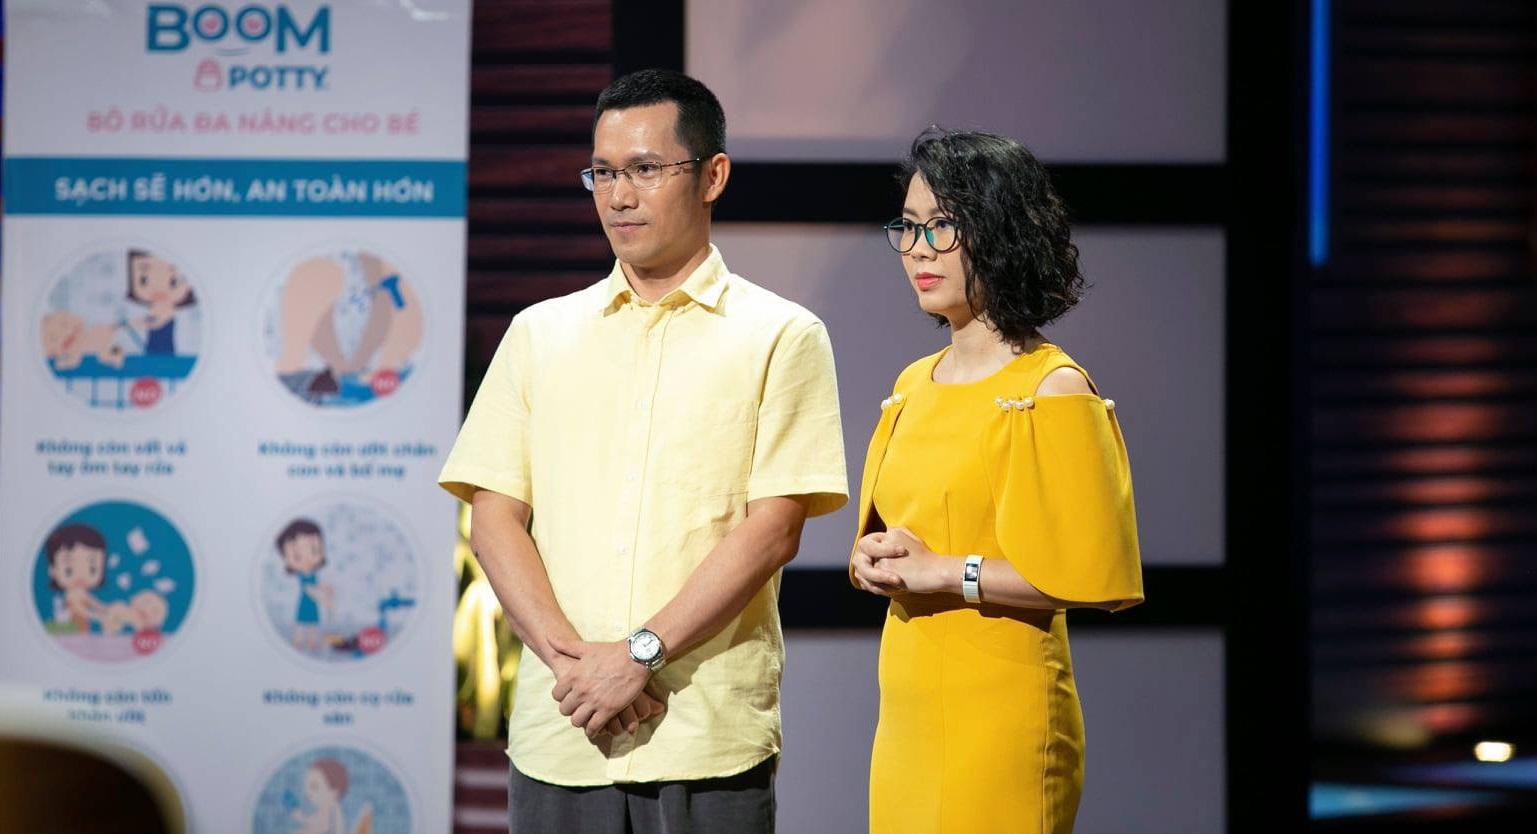 Startup bô rửa đa năng Boom Potty: Đã vượt qua điểm hòa vốn, mục tiêu số 1 thị trường Việt Nam trong tương lai - Ảnh 2.